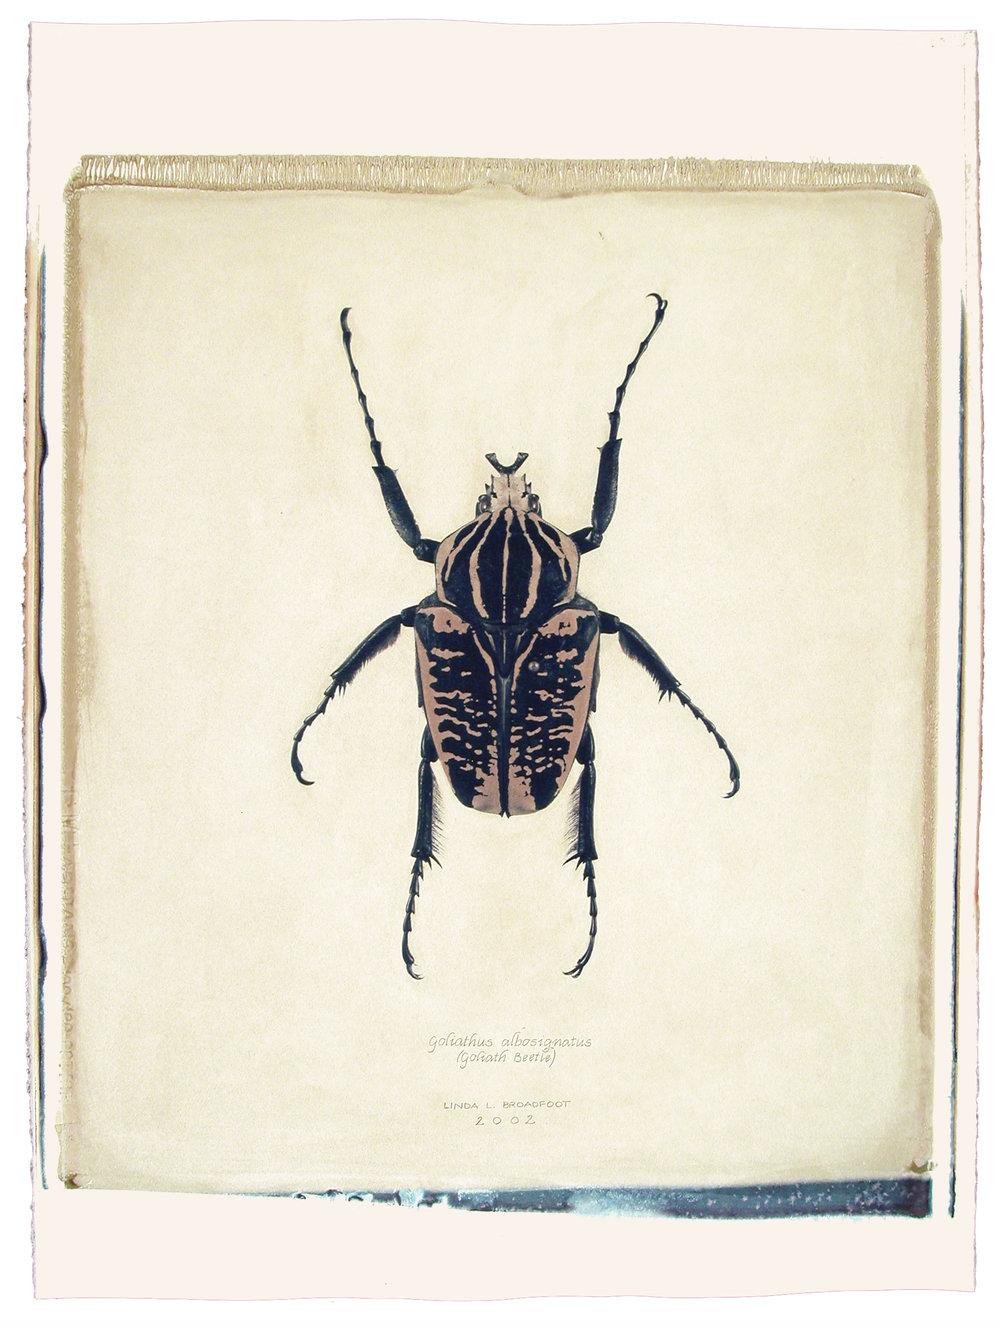 Goliathus albosignatus  (Goliath Beetle), 2002